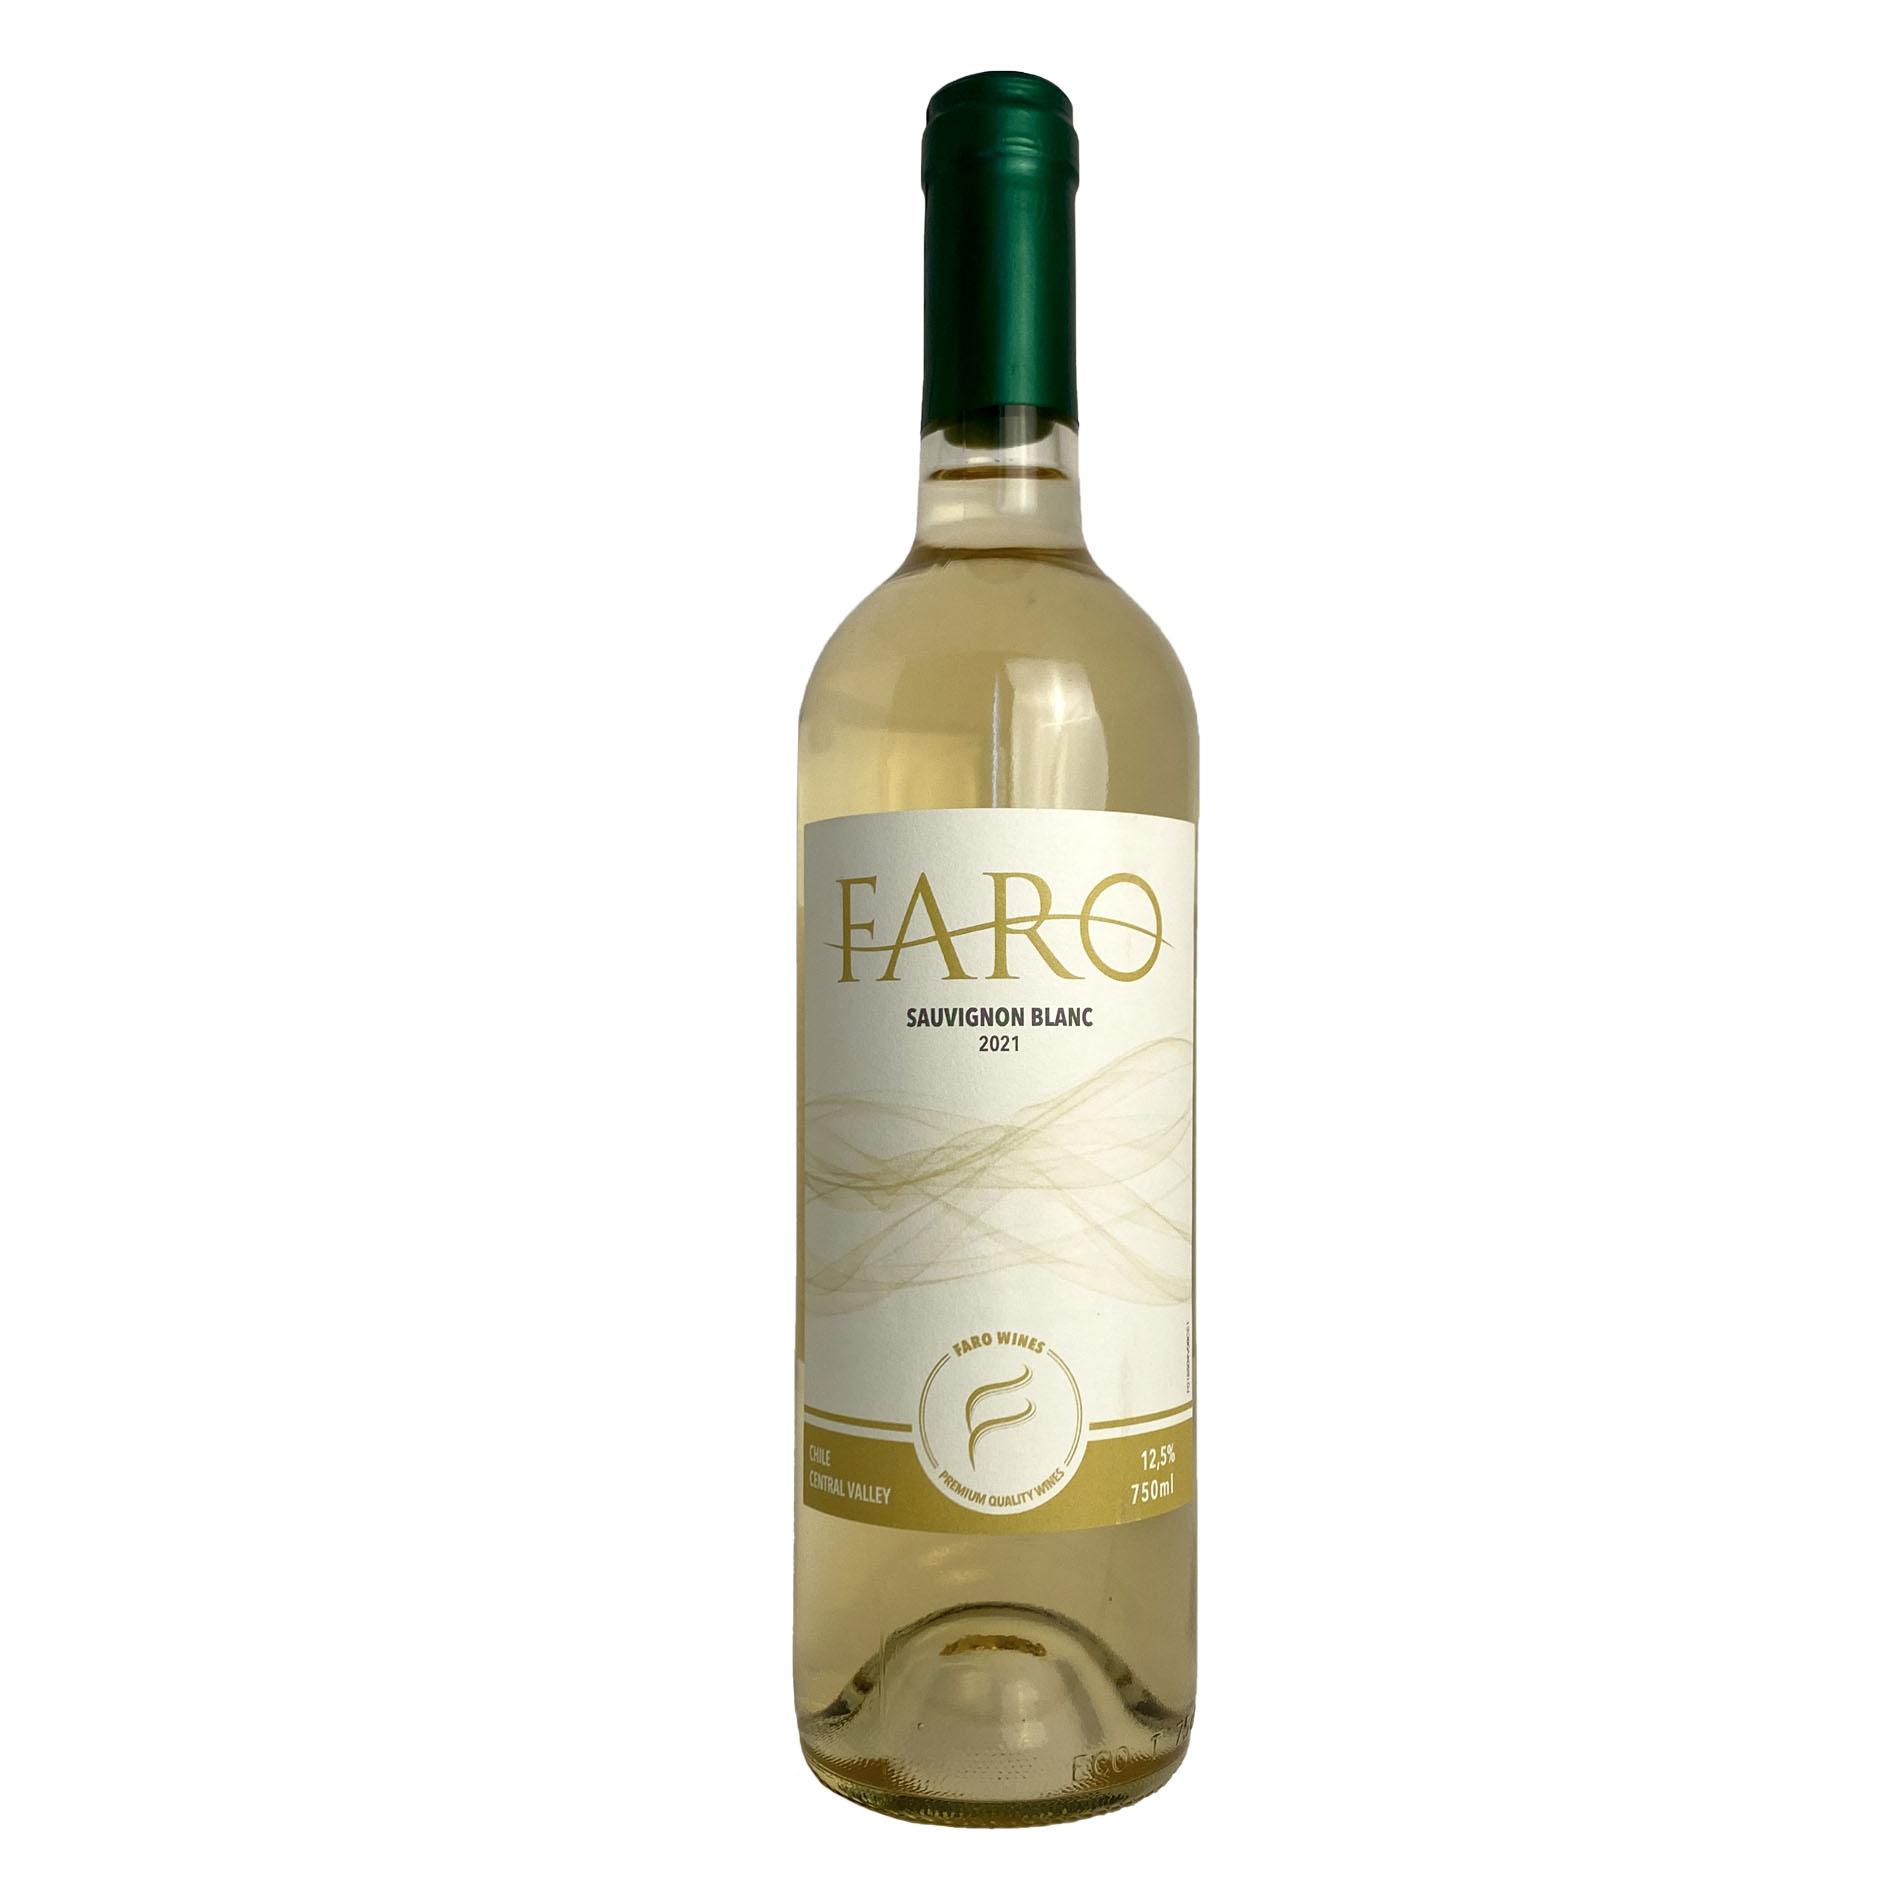 Faro Sauvignon Blanc (Chileno)  - Vinerize